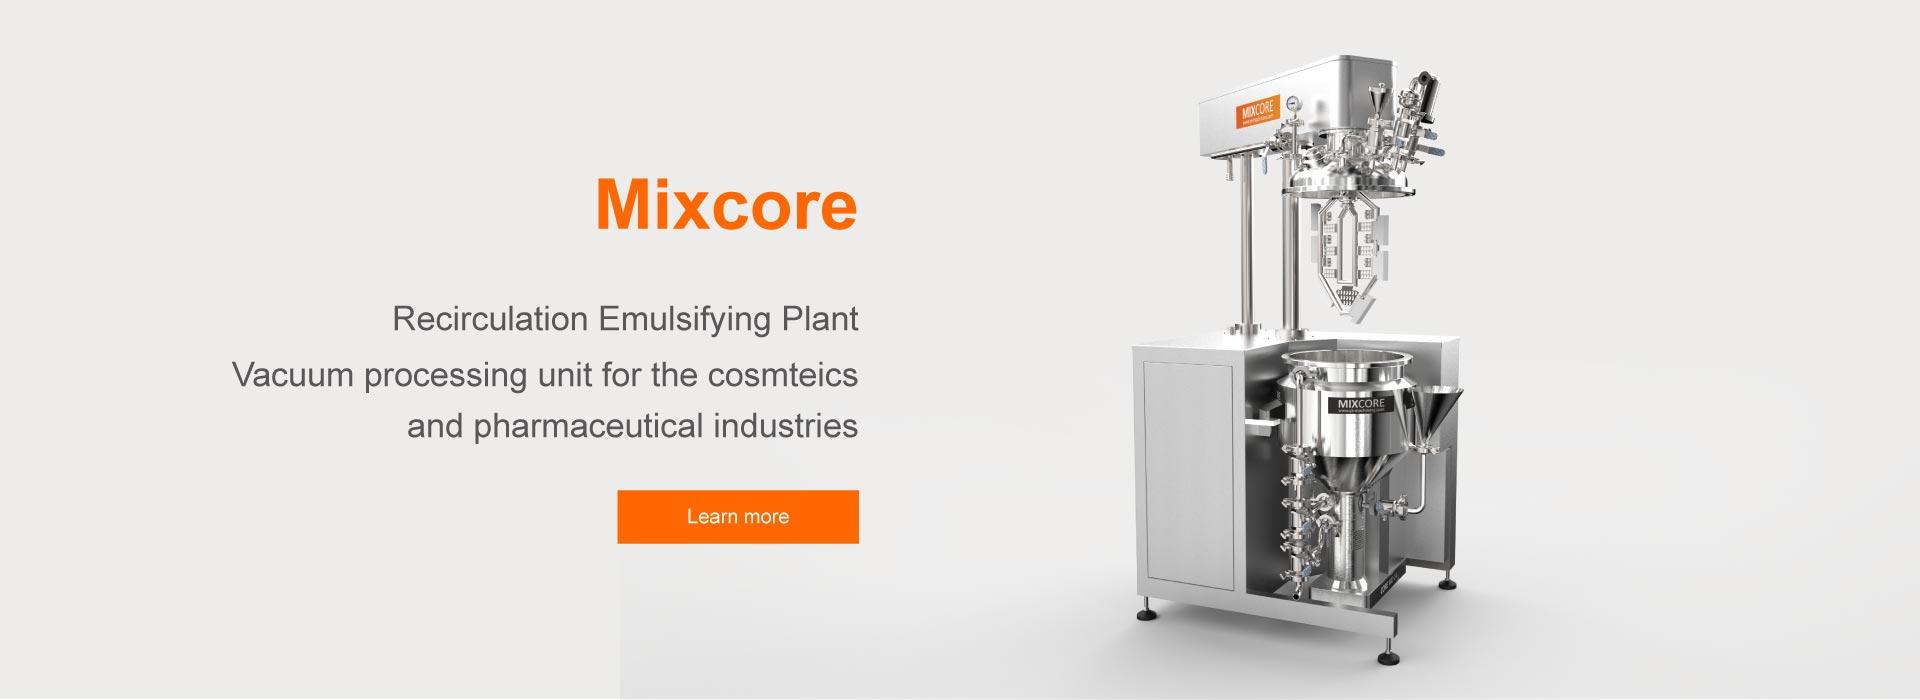 mixcore